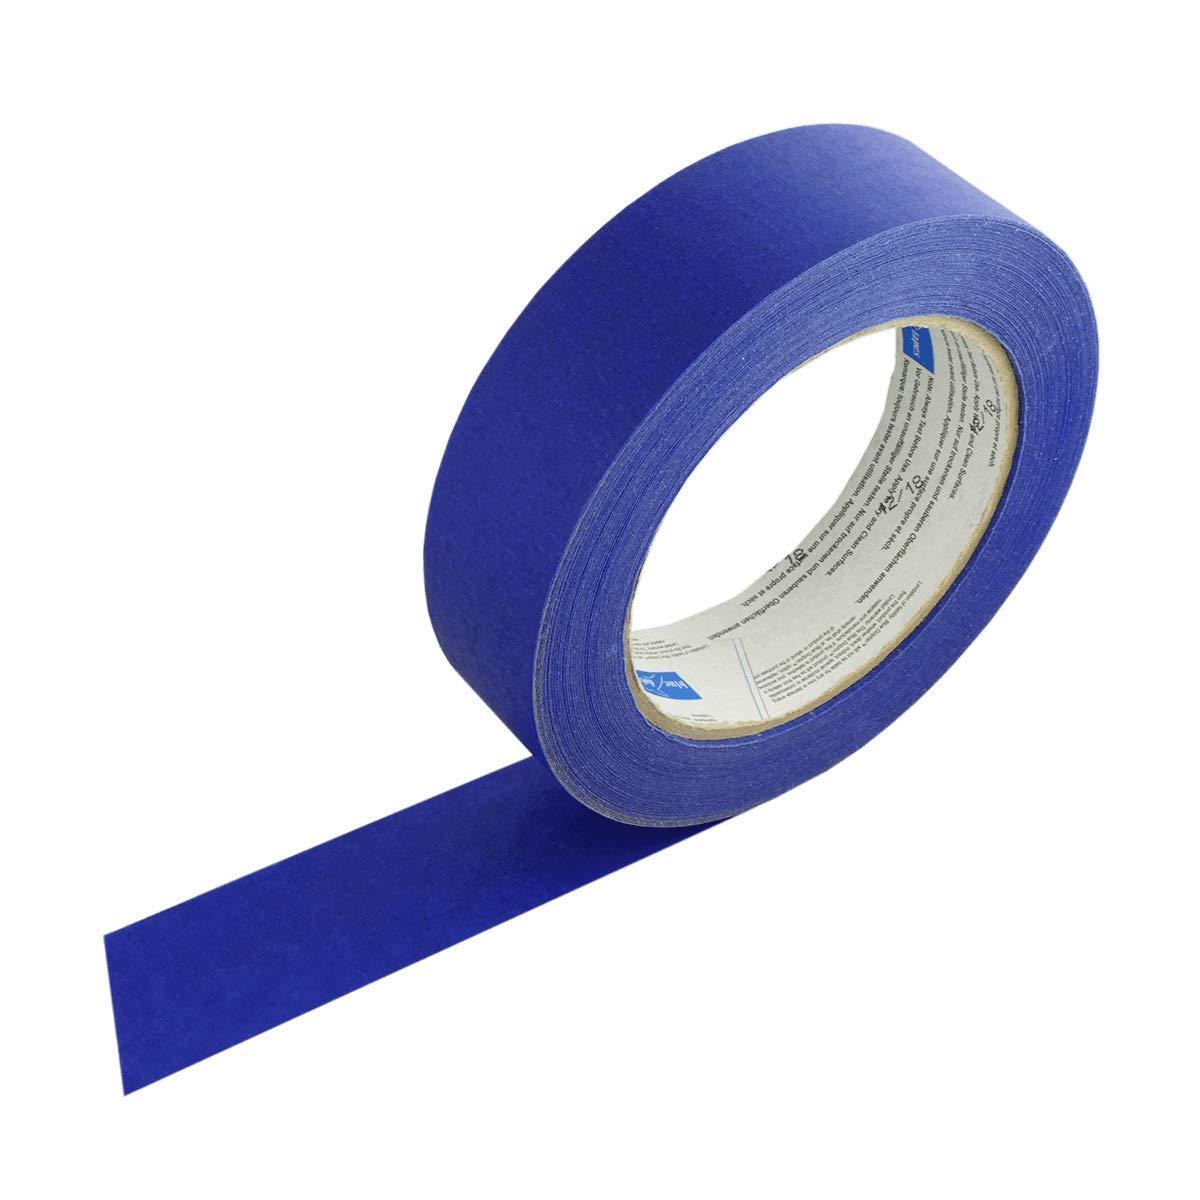 WDVS Malerband Klebeband Abdeckband Fassade Kreppband kein Unterlauf UV